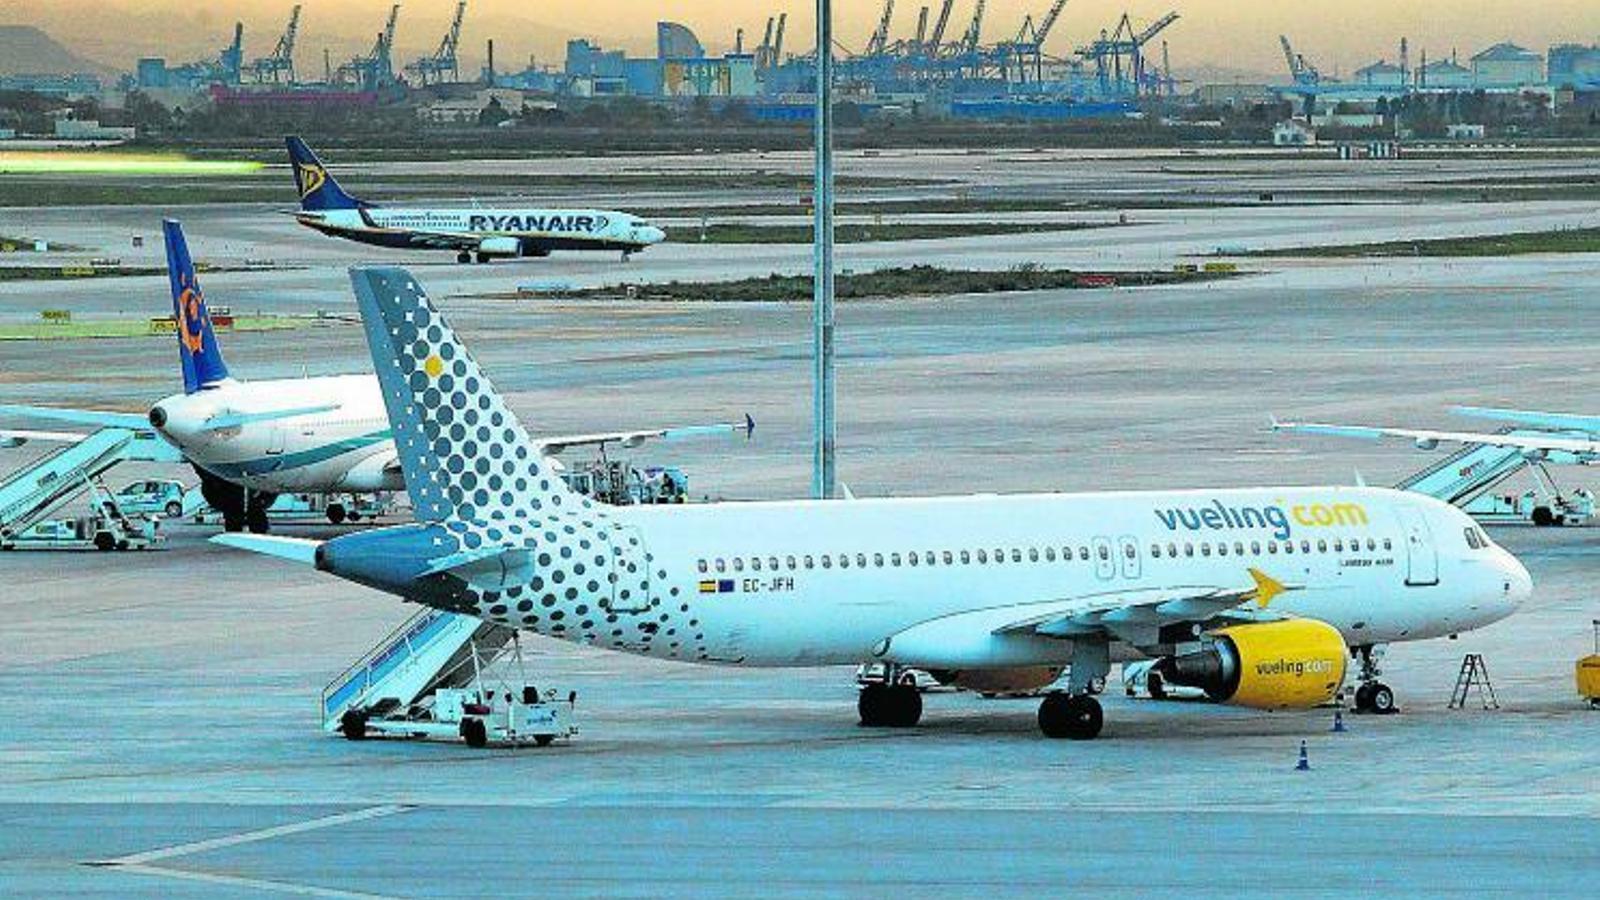 IAG compra Air Europa per 1.000 M€ amb l'objectiu de convertir Madrid en un gran 'hub' aeri